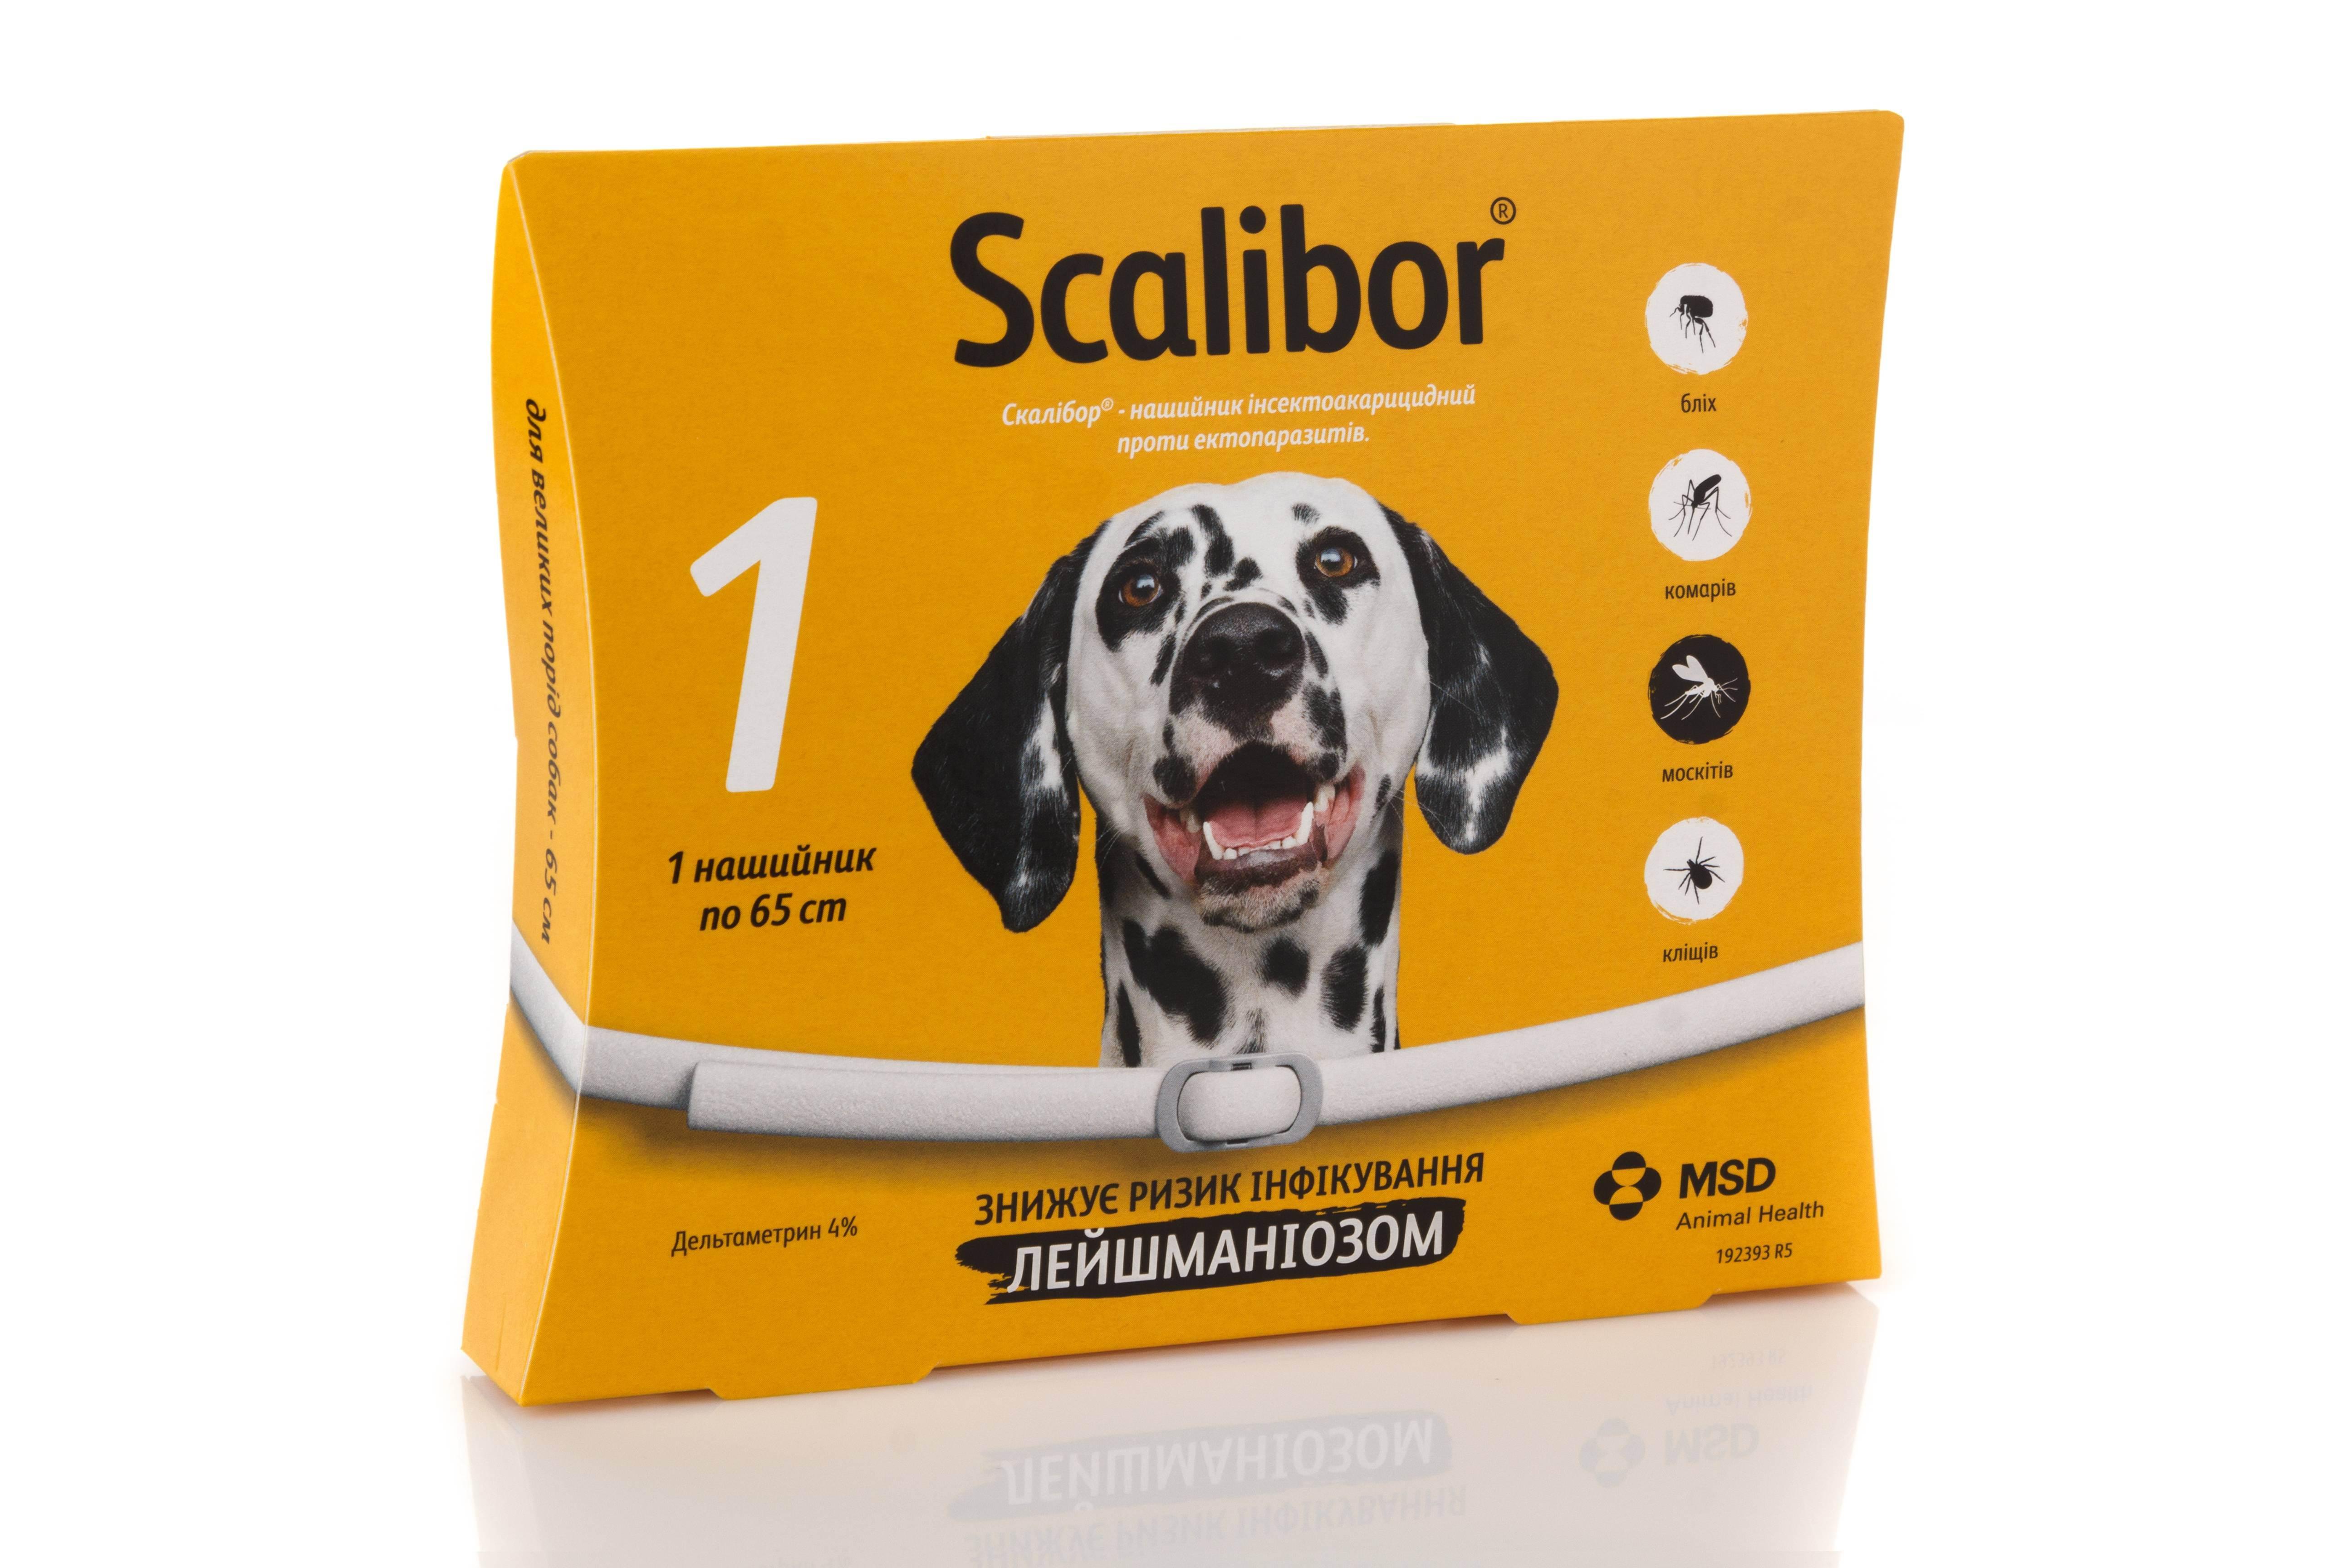 Как выбрать средство от блох для собак - обзор самых эффективных средств